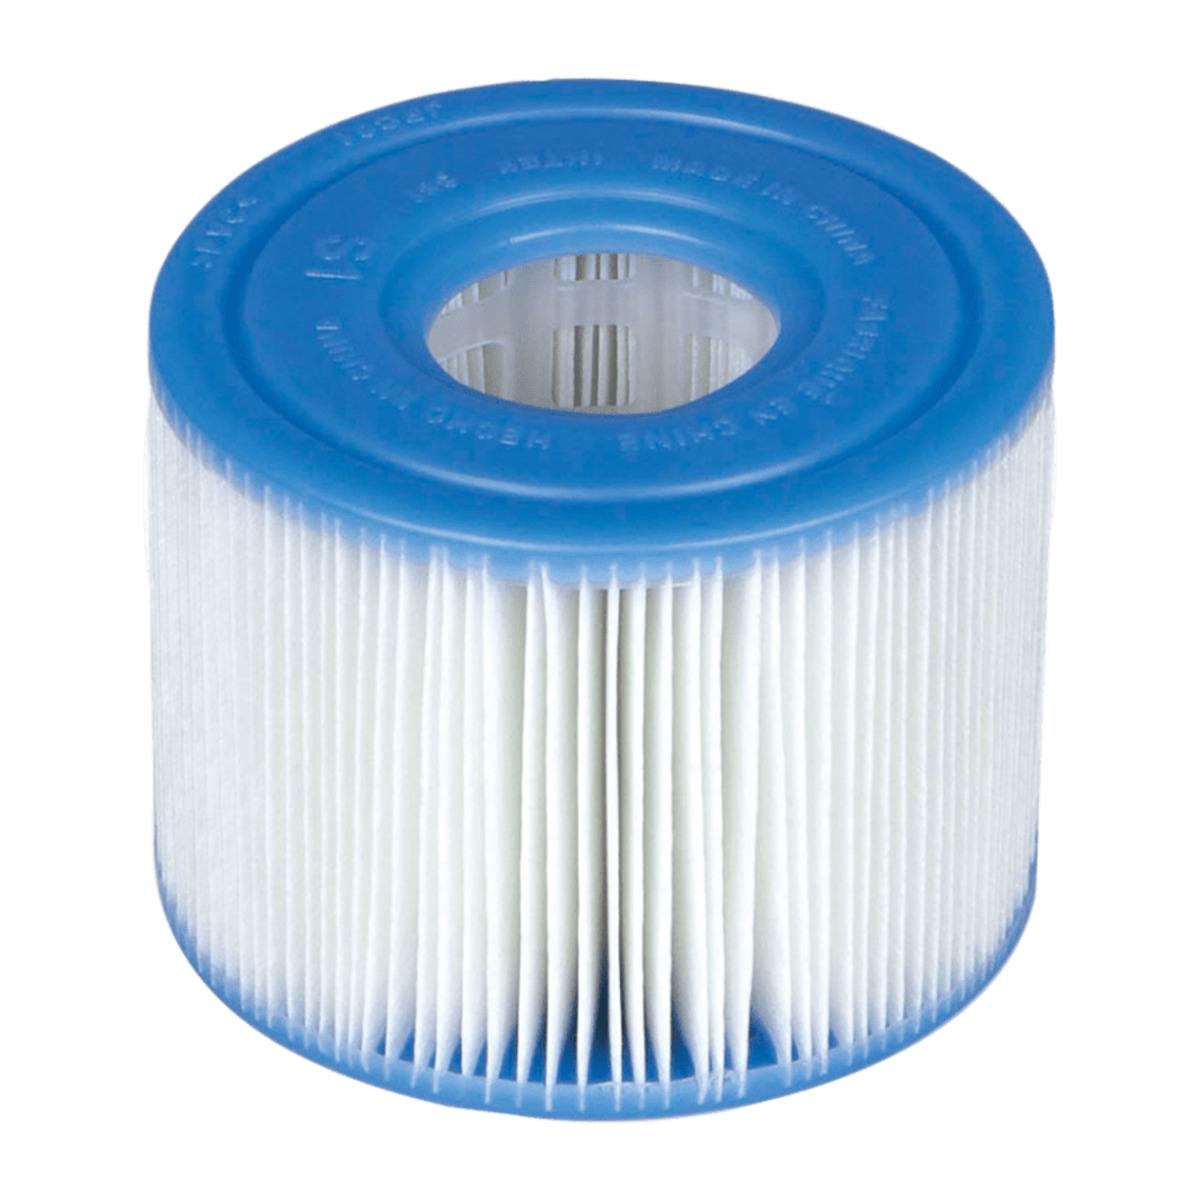 Bild 3 von Intex Pure Spa™ Whirlpool